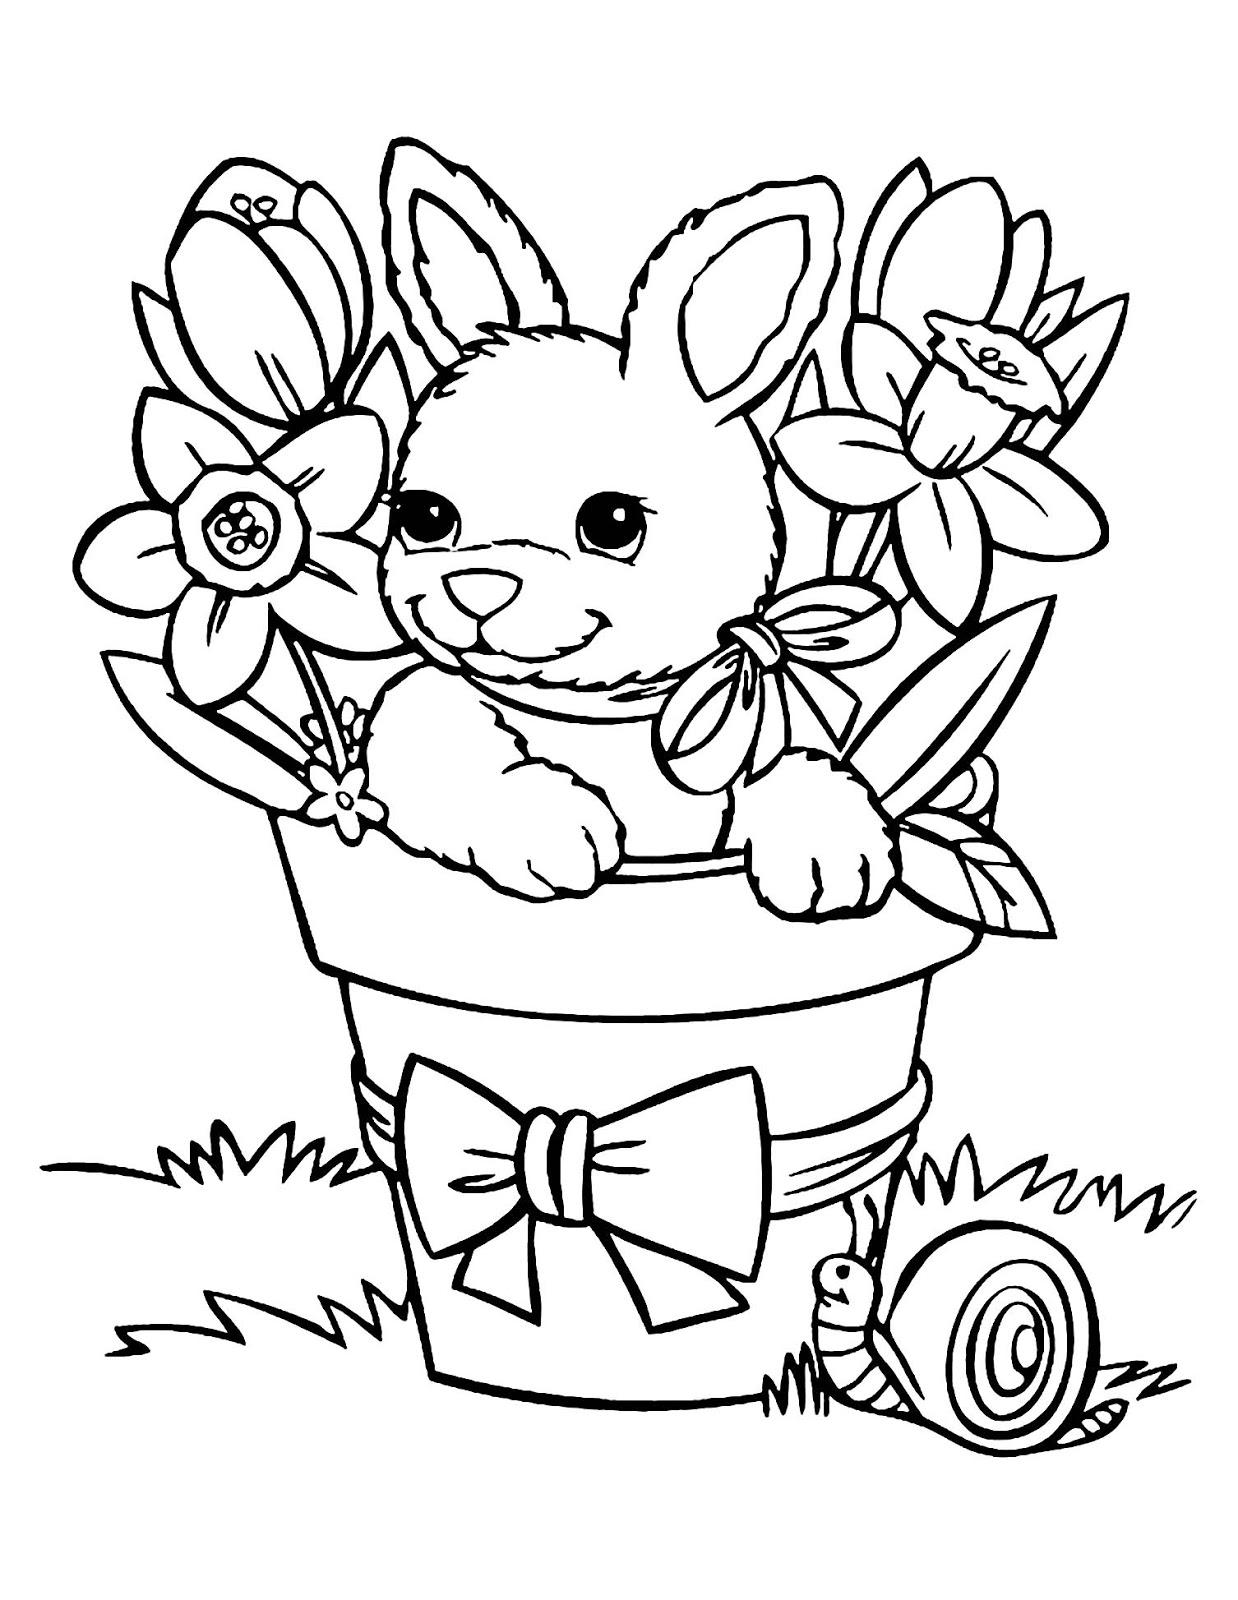 Tranh tô màu con thỏ trong chậu hoa